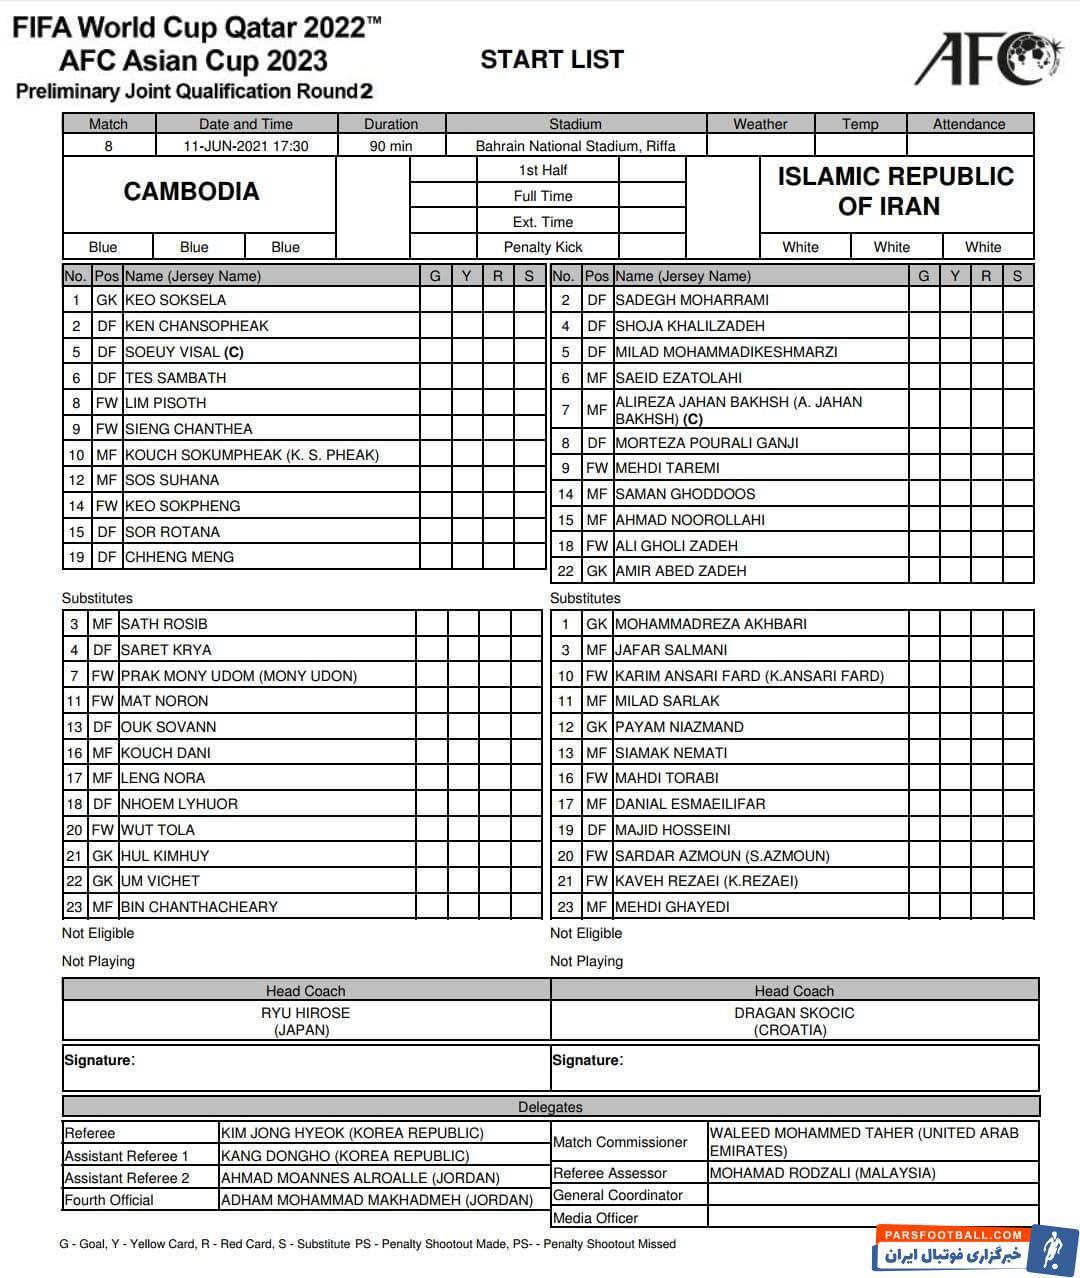 ترکیب 11 نفره تیم ملی ایران مقابل کامبوج و حضور امیر عابدزاده در درون دروازه و سامان قدوس در خط حمله